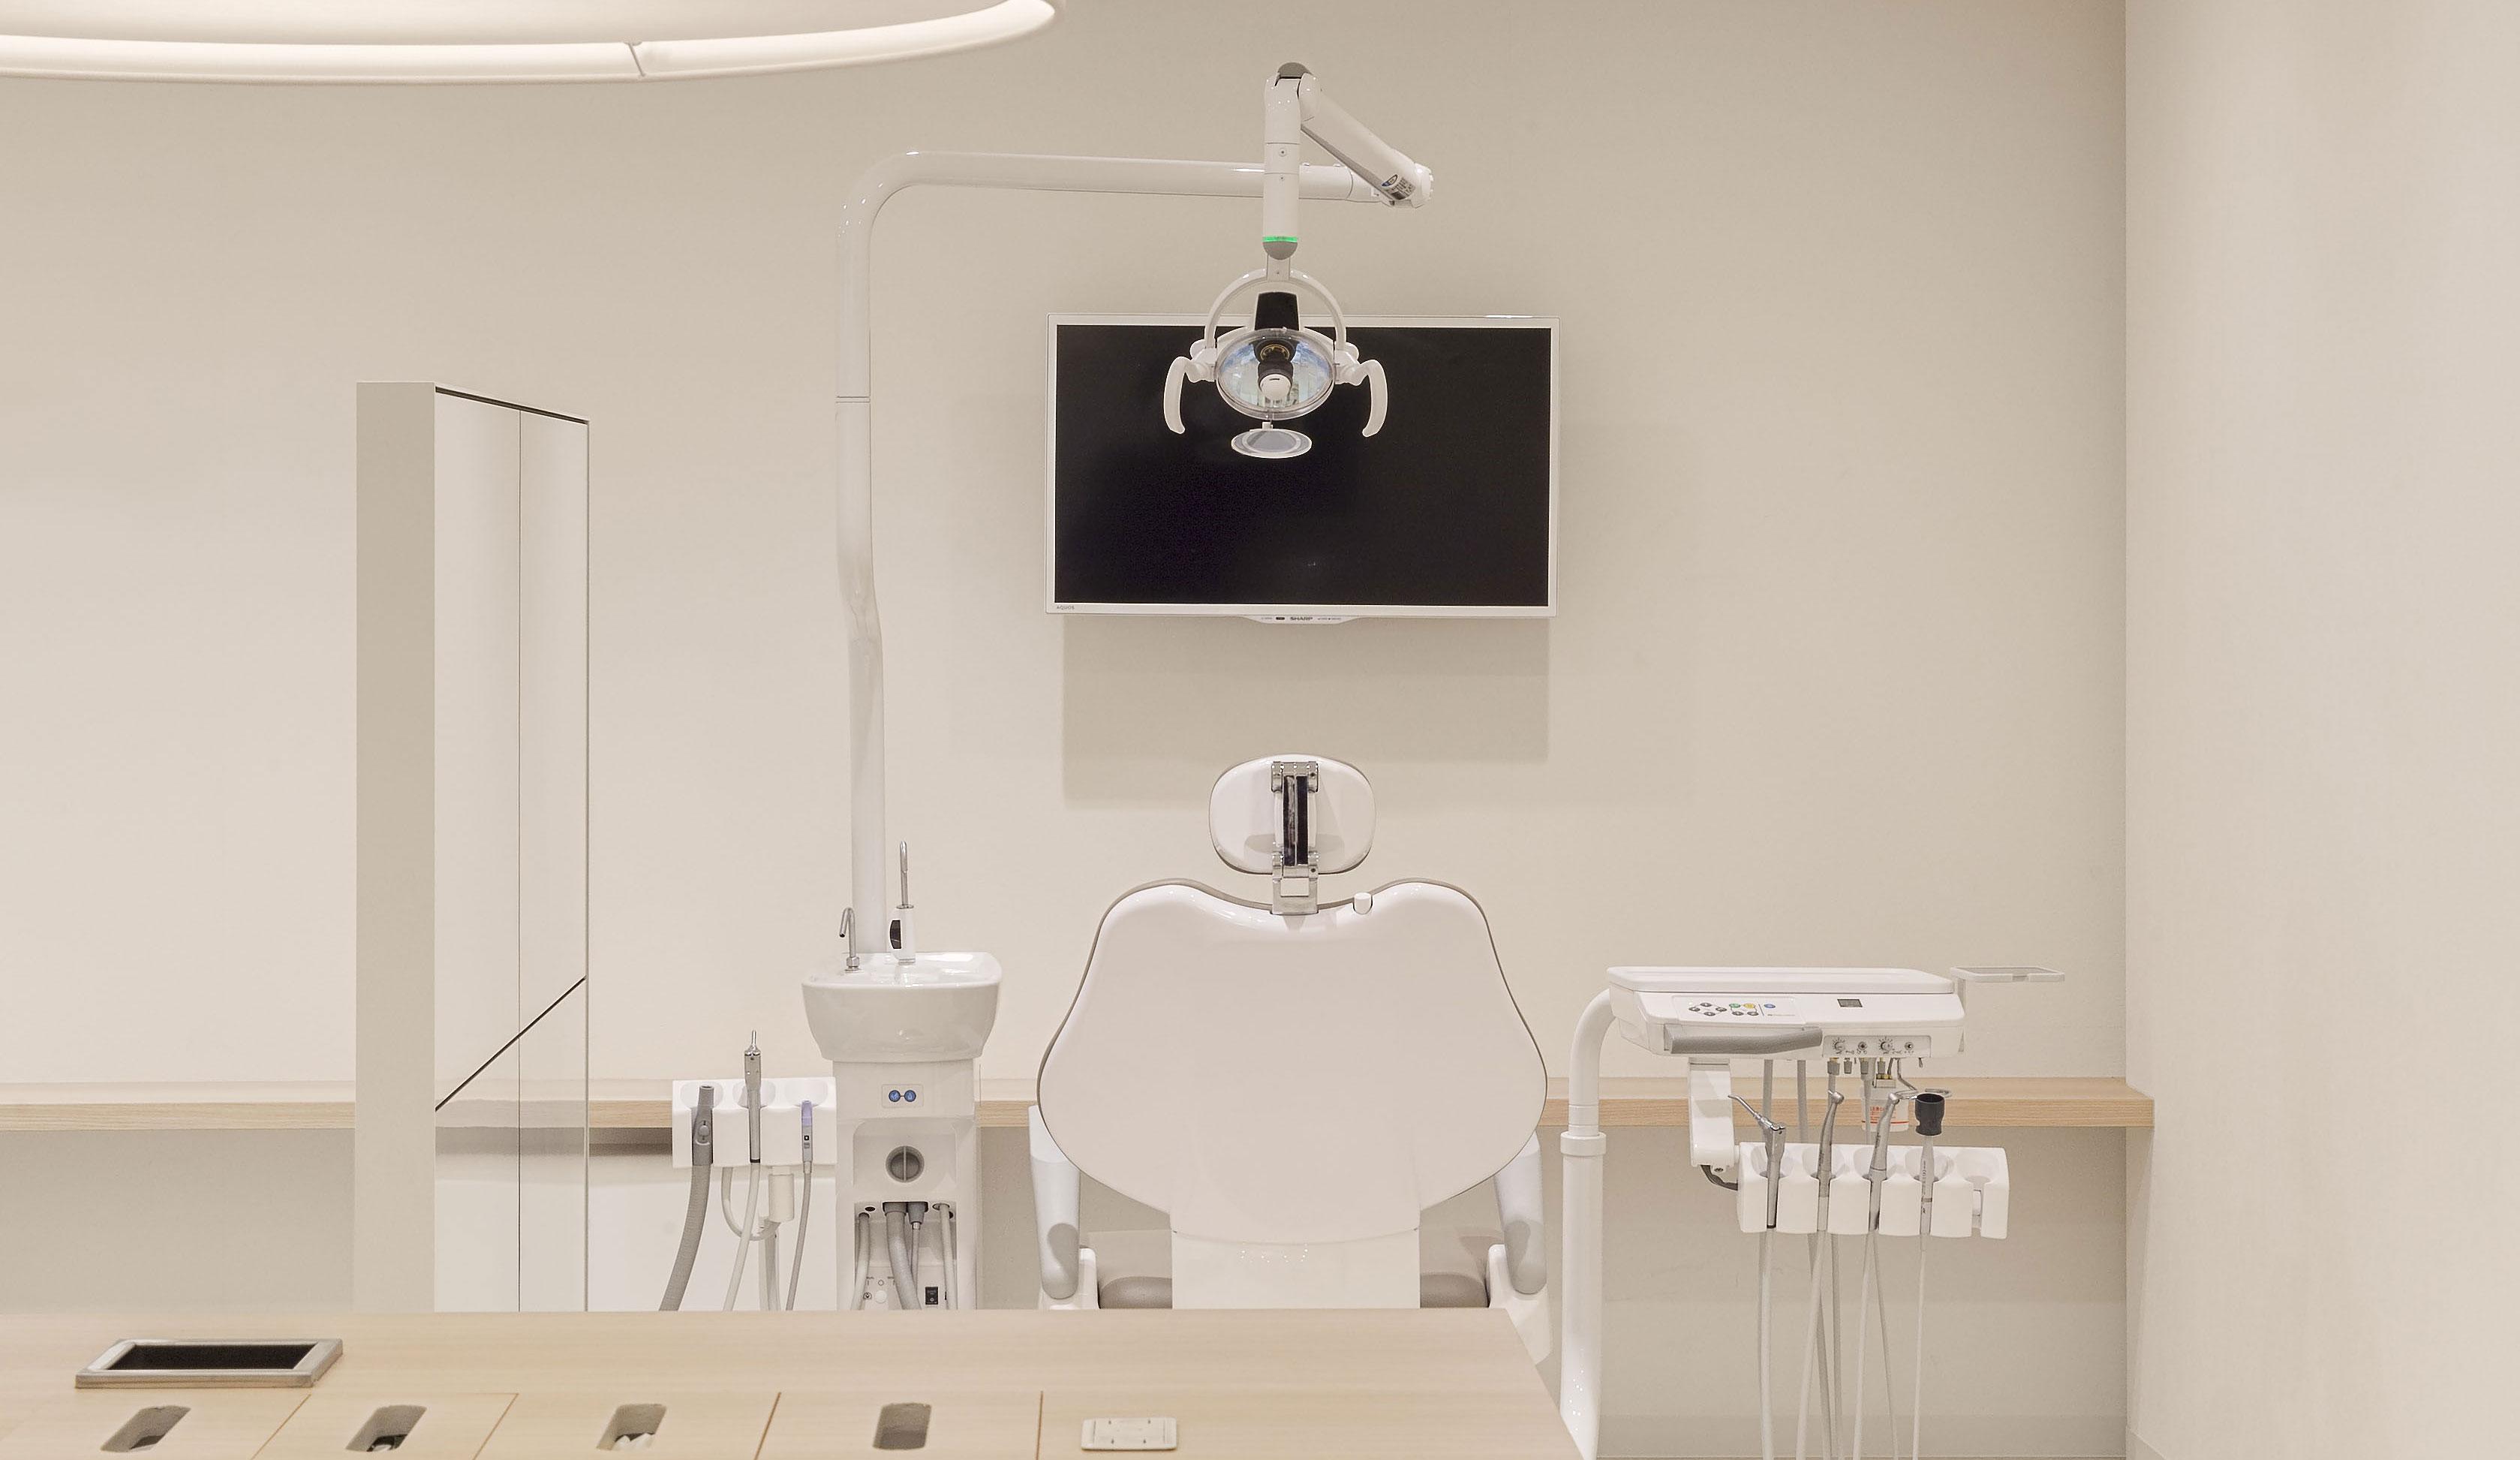 歯科への関心のキッカケになるコミュニケーションの場の画像です